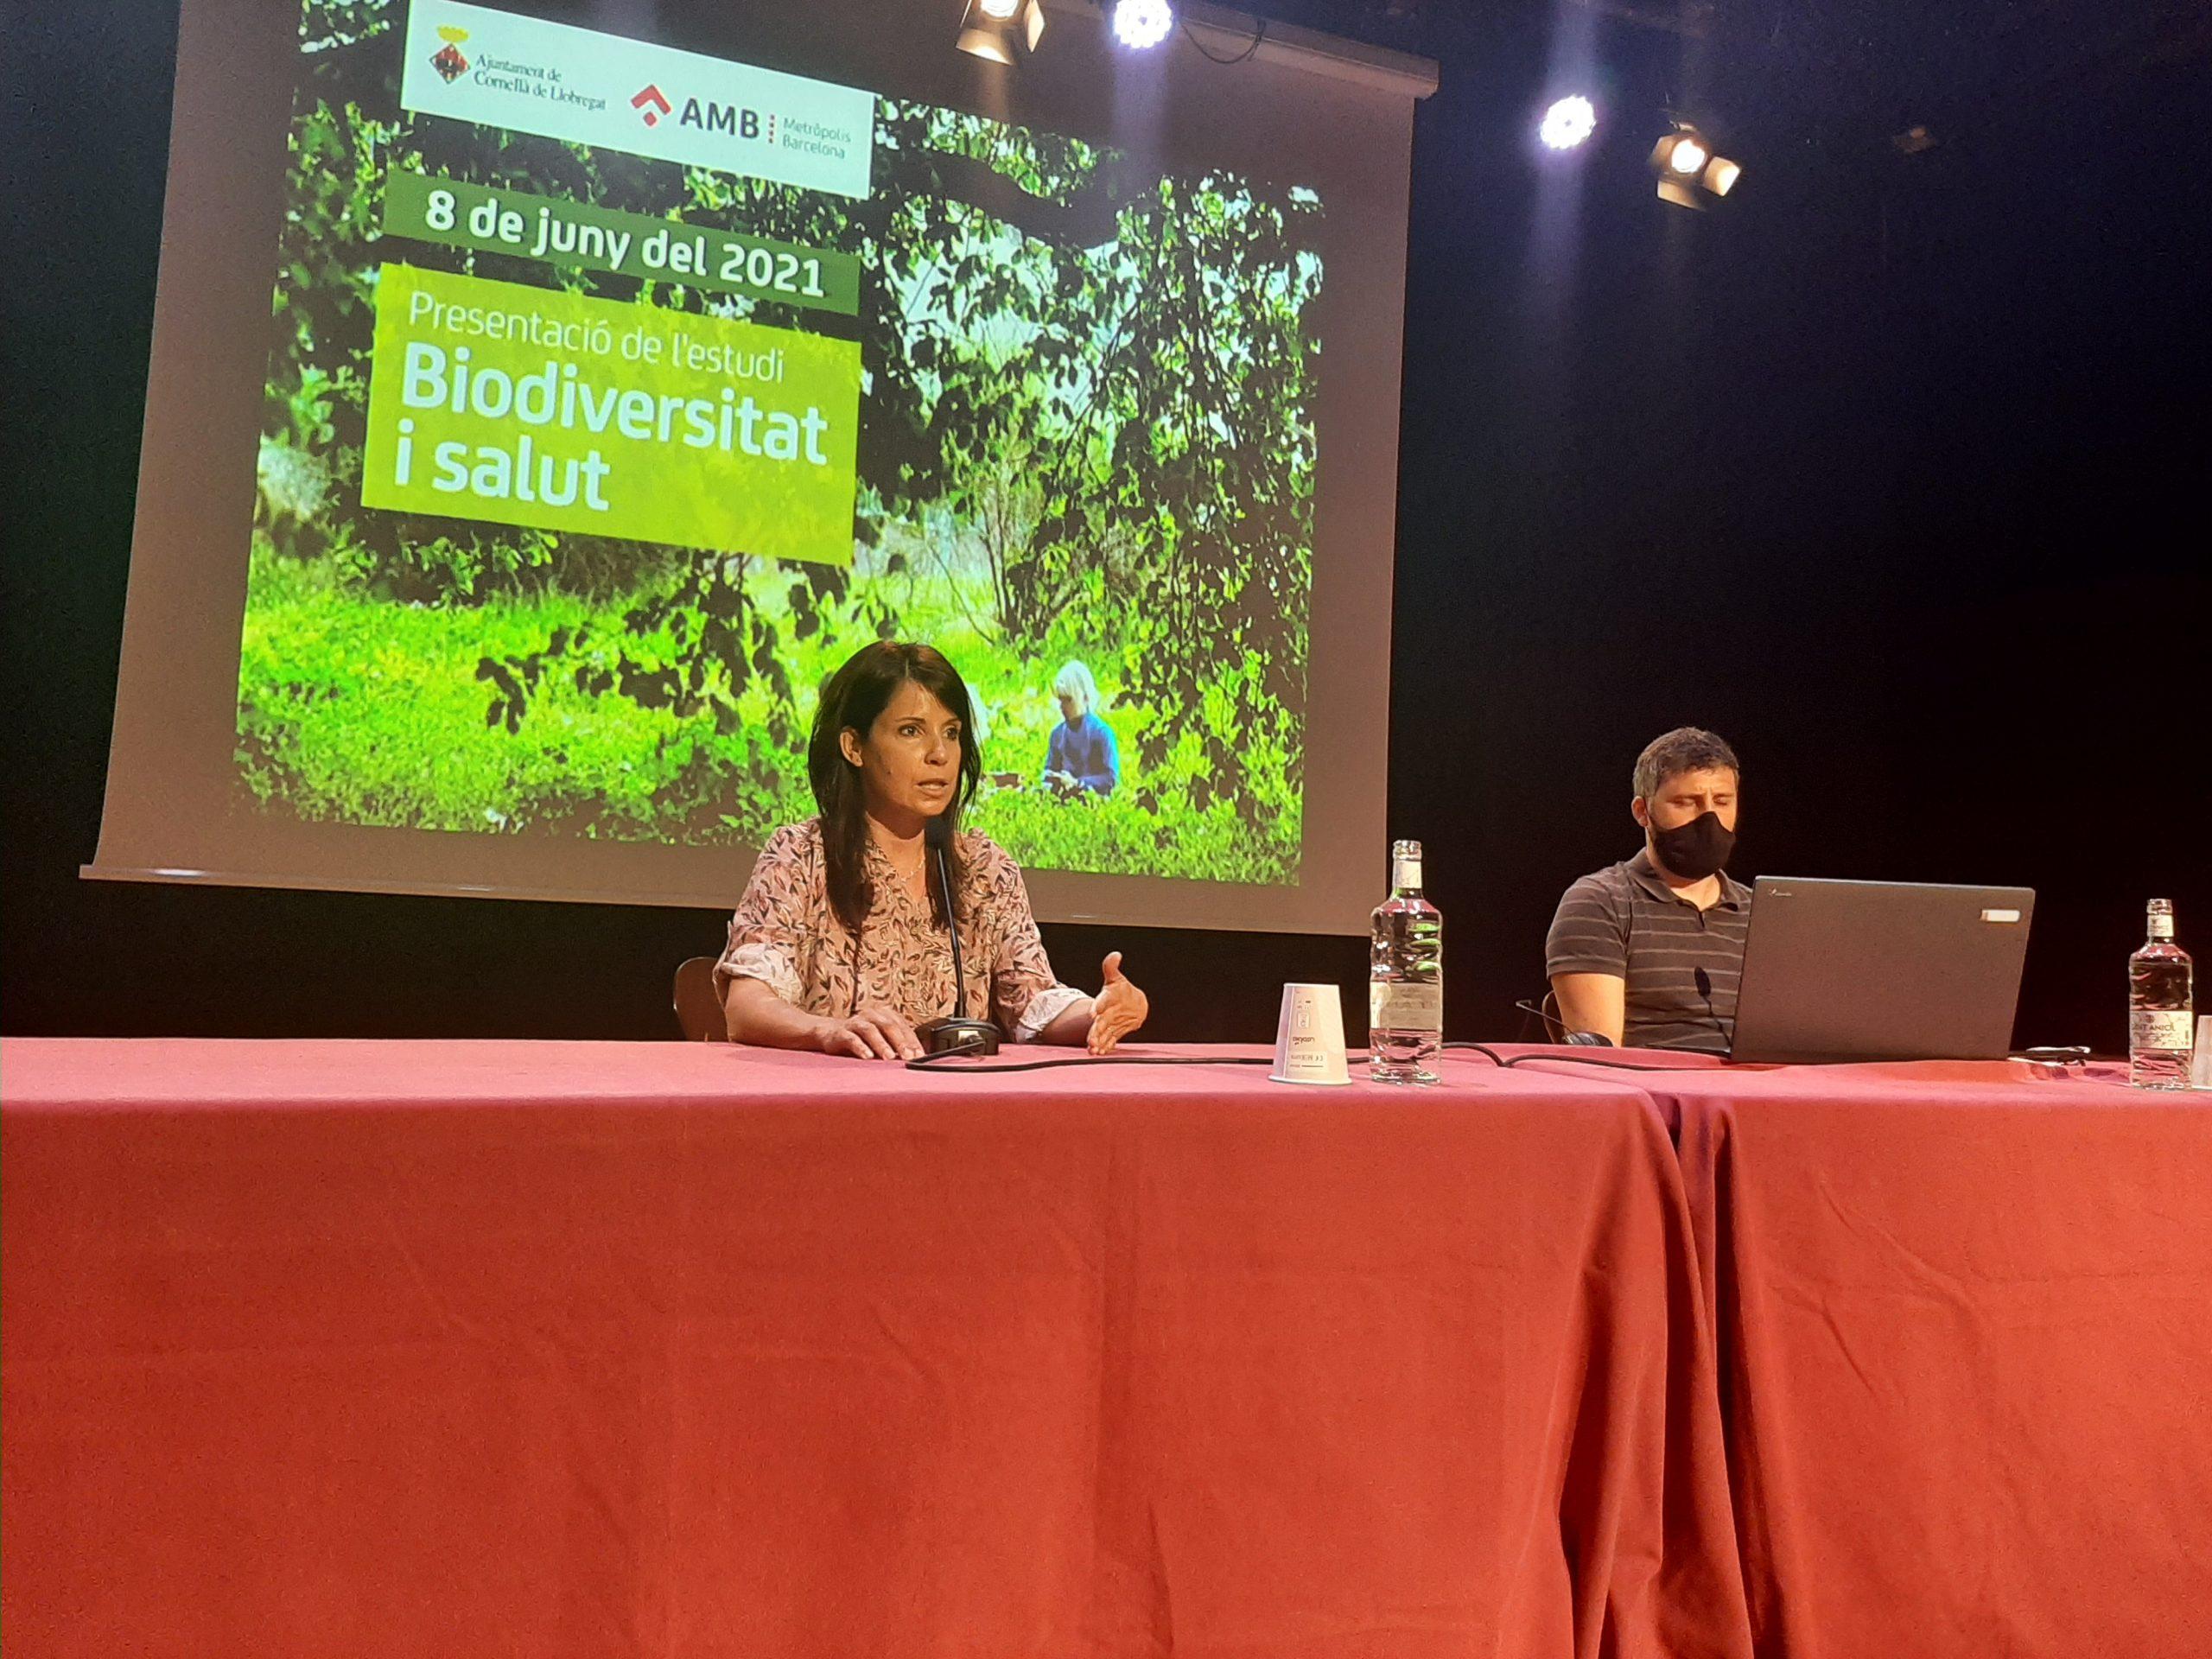 Presentació de l'estudi 'Biodiversitat i salut' | AMB